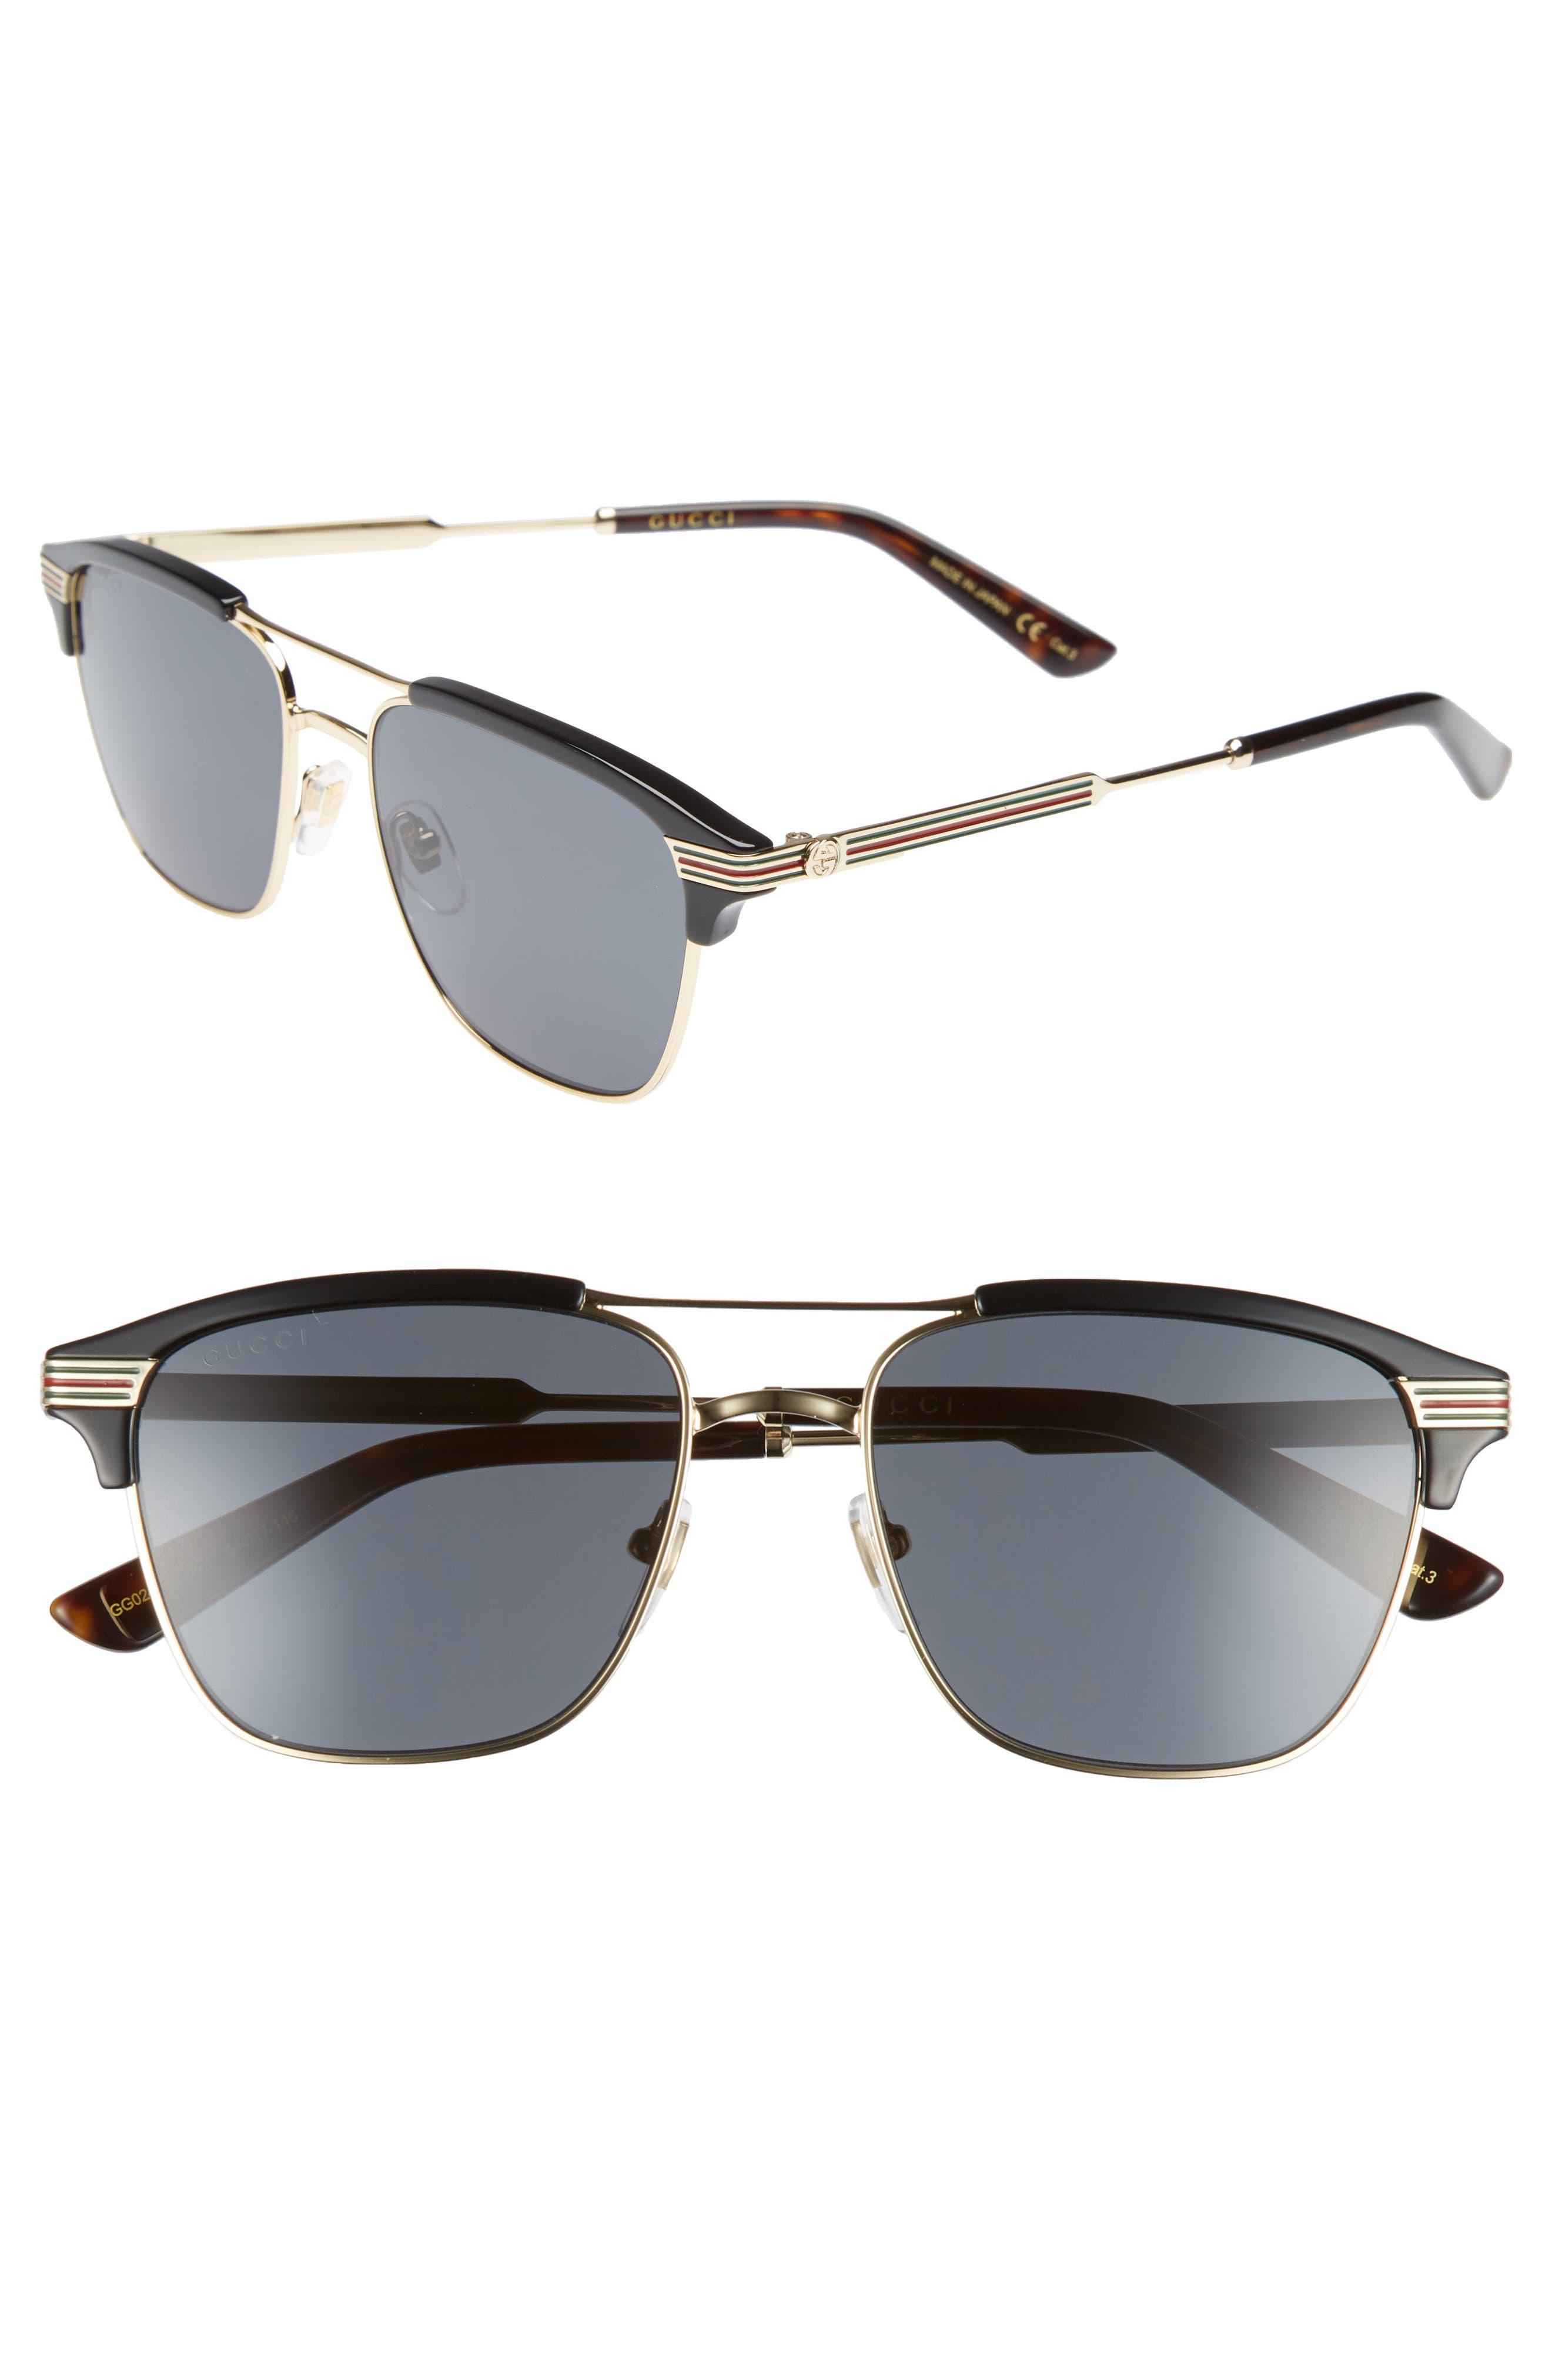 f47109ea455 Gucci Retro Square Aviator Sunglasses